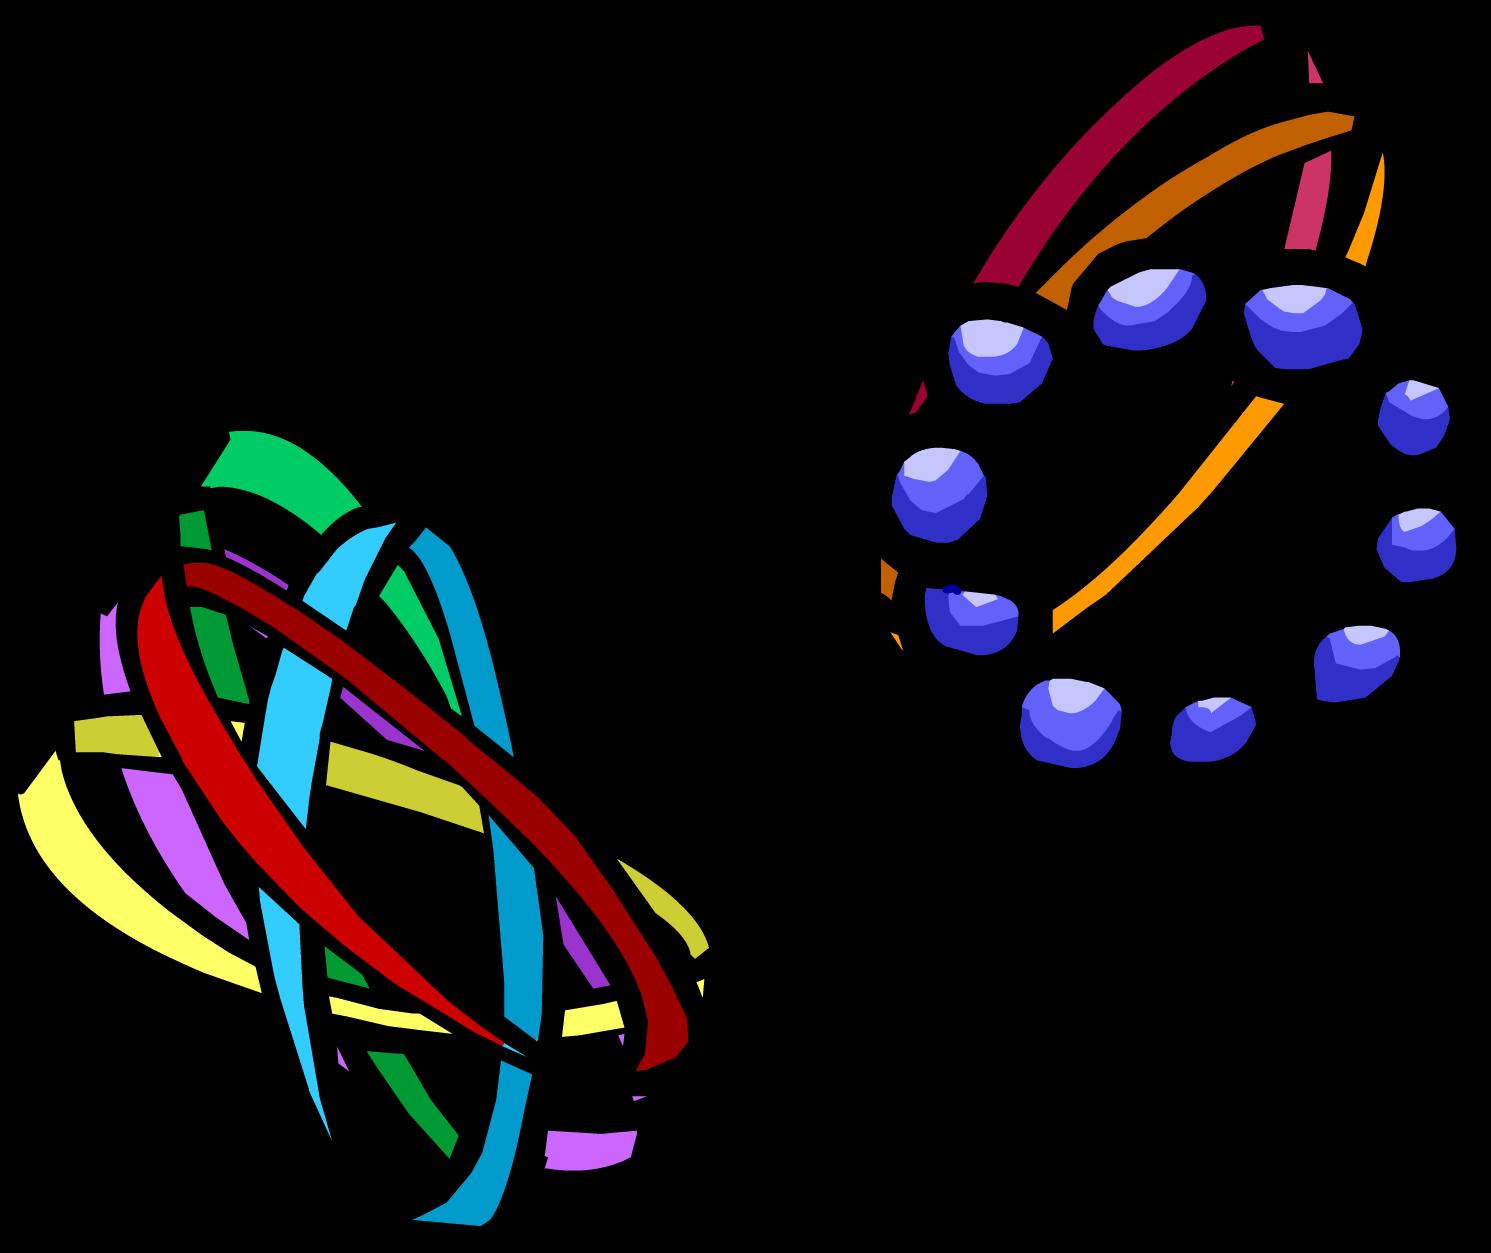 1491x1253 Mixed Bracelets Club Penguin Wiki Fandom Powered By Wikia